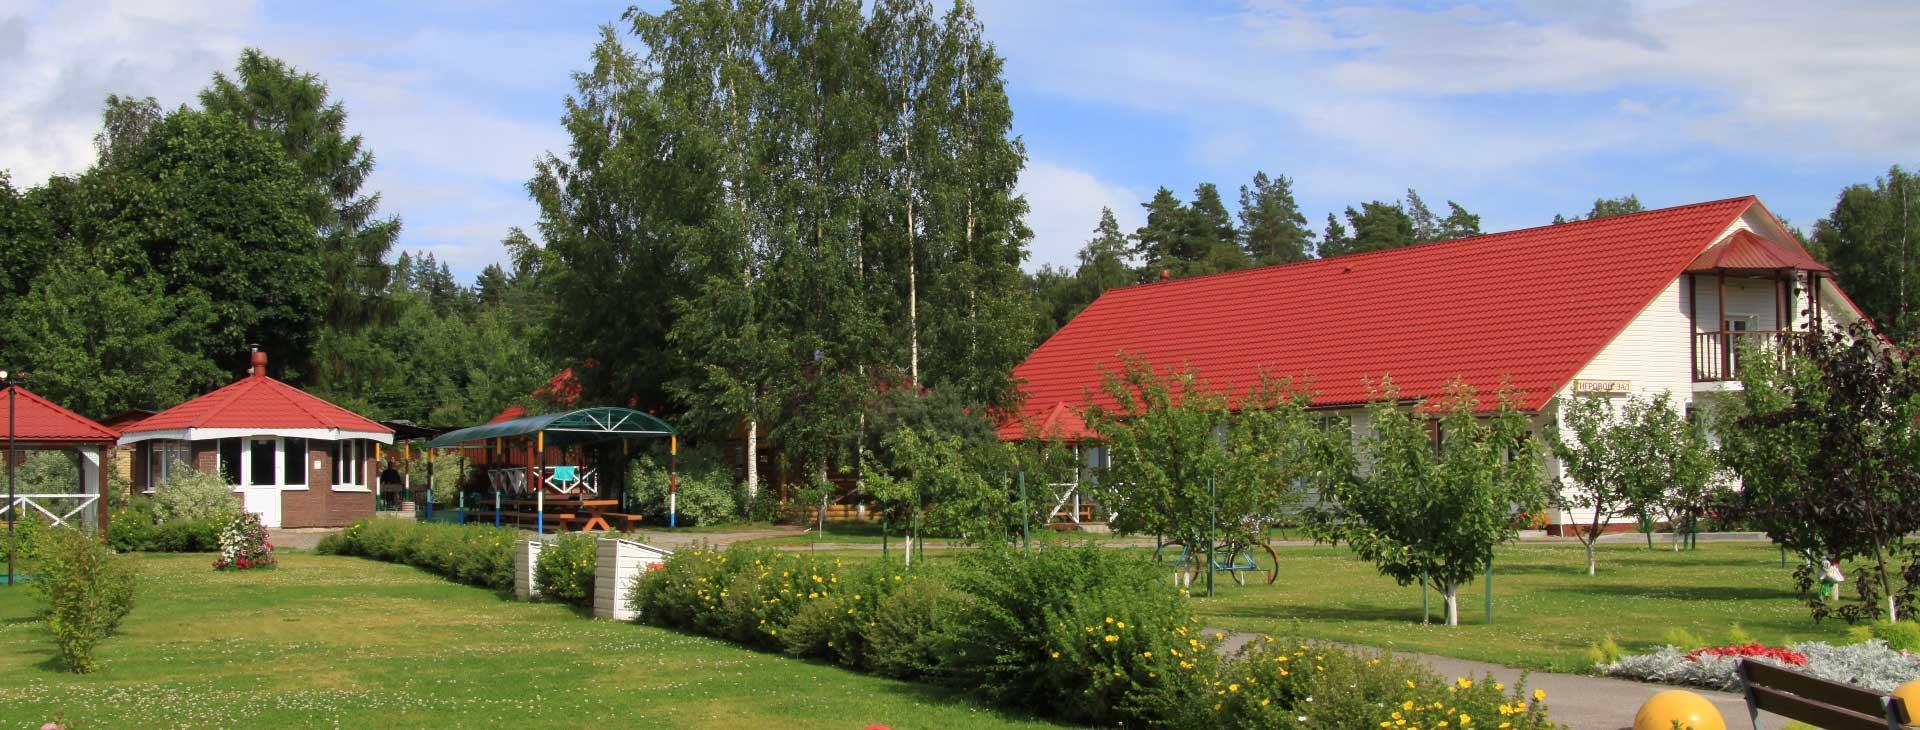 Территория базы отдыха Розовая дача